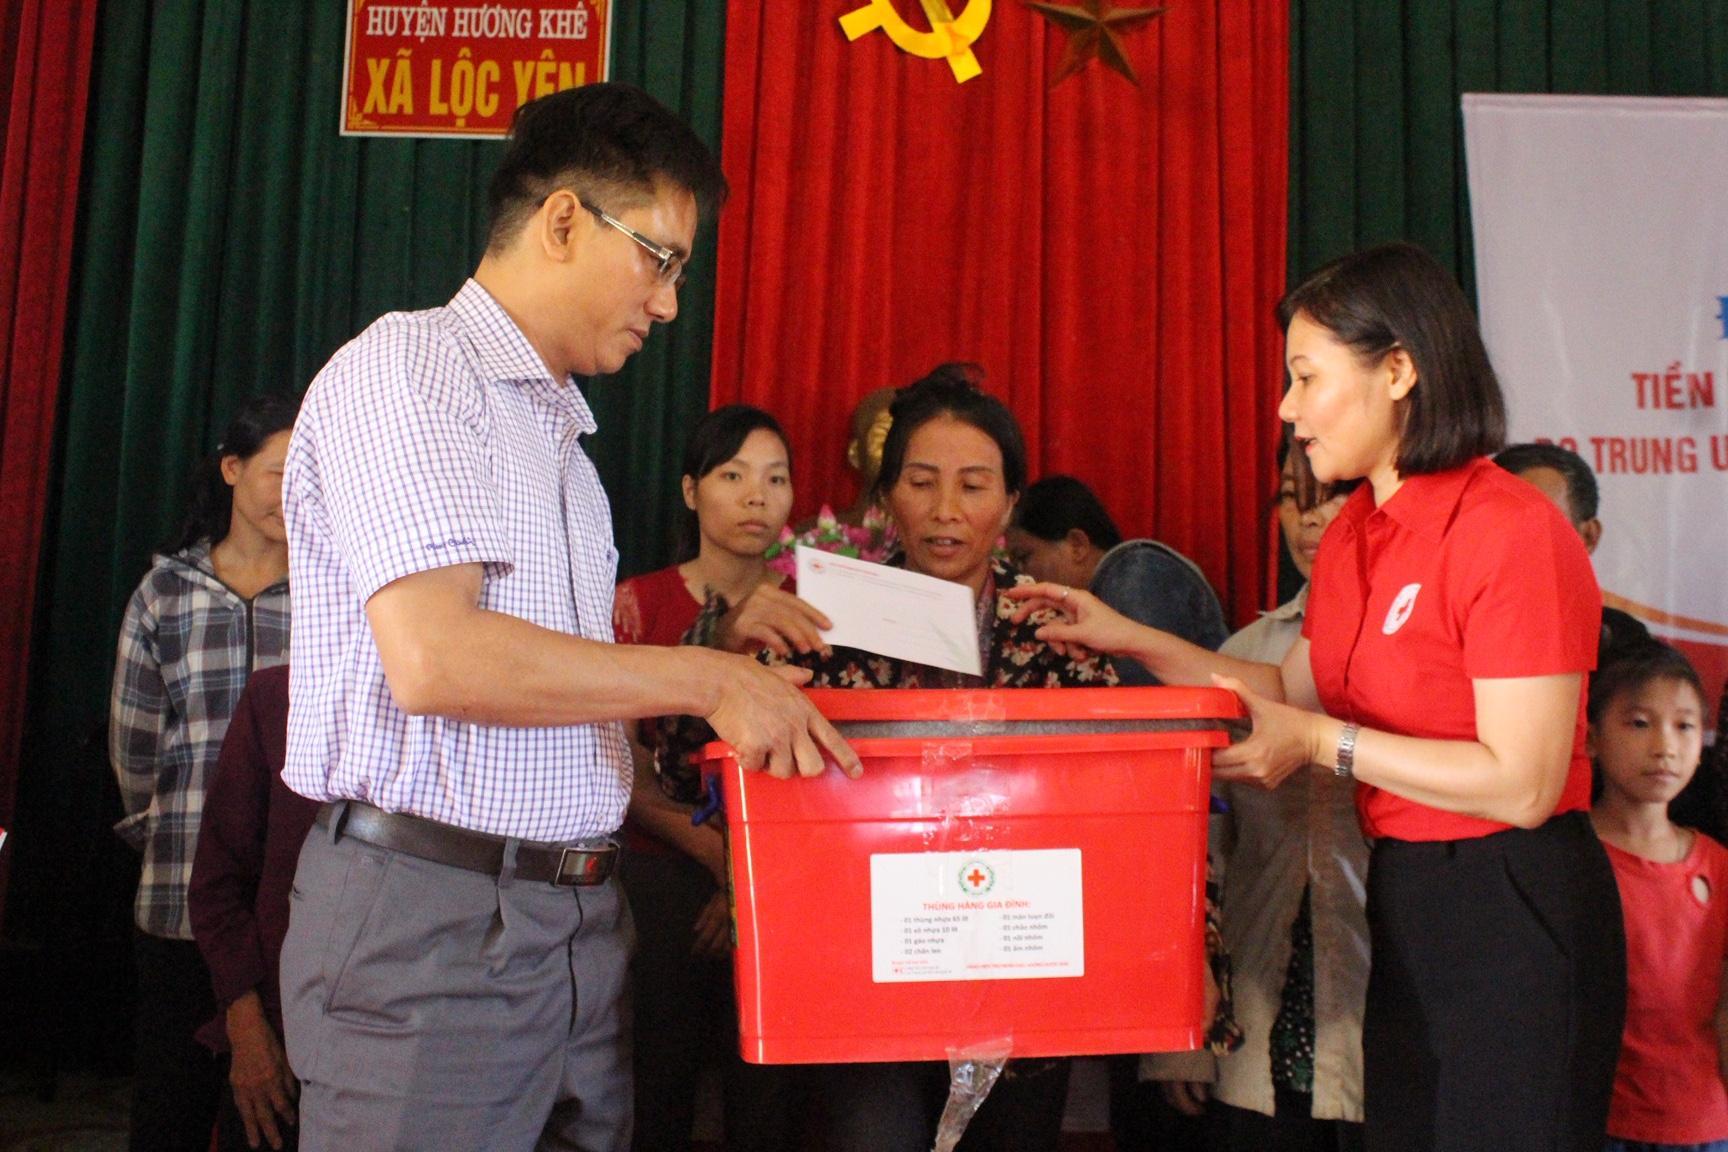 Hội Chữ thập đỏ tặng quà cứu trợ bà con vùng lũ Hà Tĩnh Ảnh 1